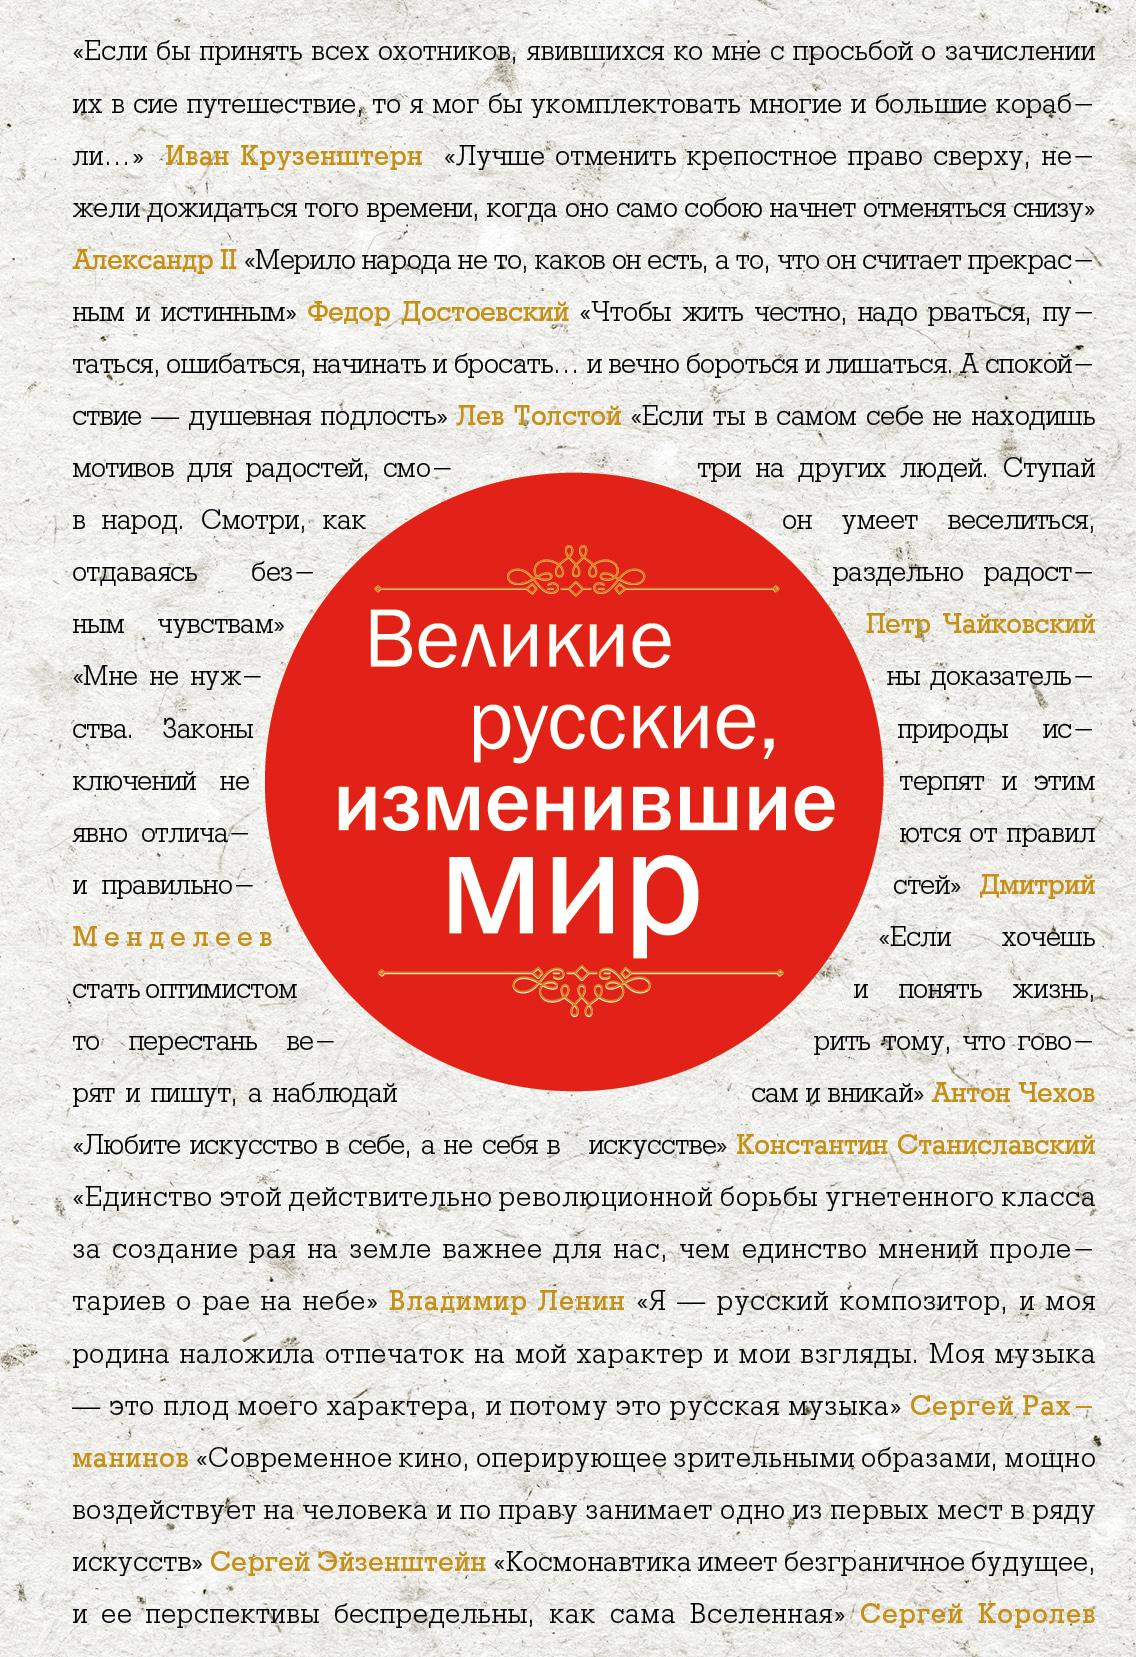 Великие русские, изменившие мир